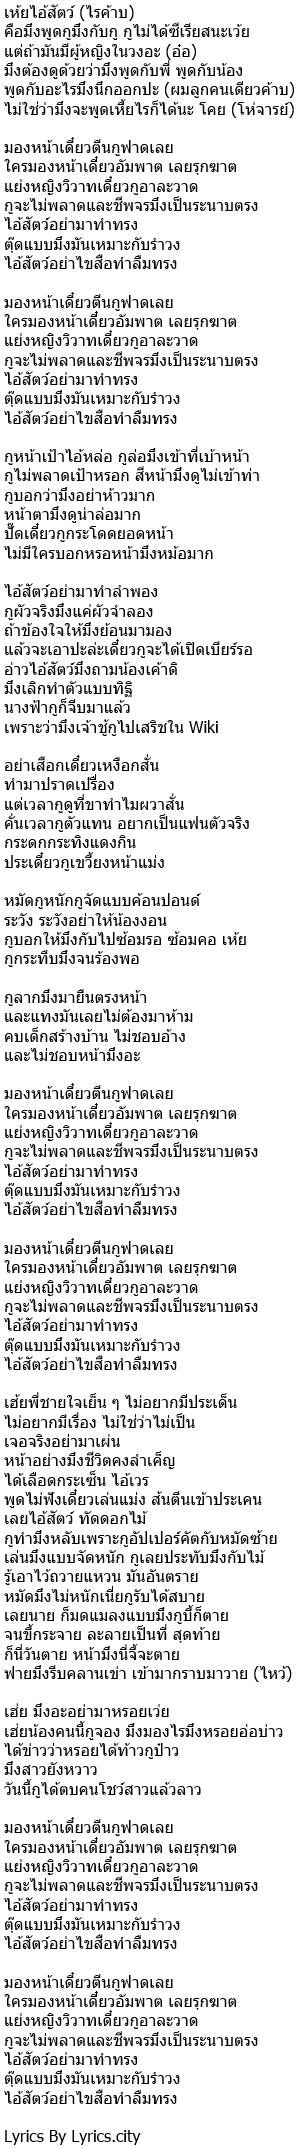 เนื้อเพลง ถ้าเขาอีกาแล้วข้าอีหยัง - MyNameIsD3Unloveable (D3) Feat. Chasvii